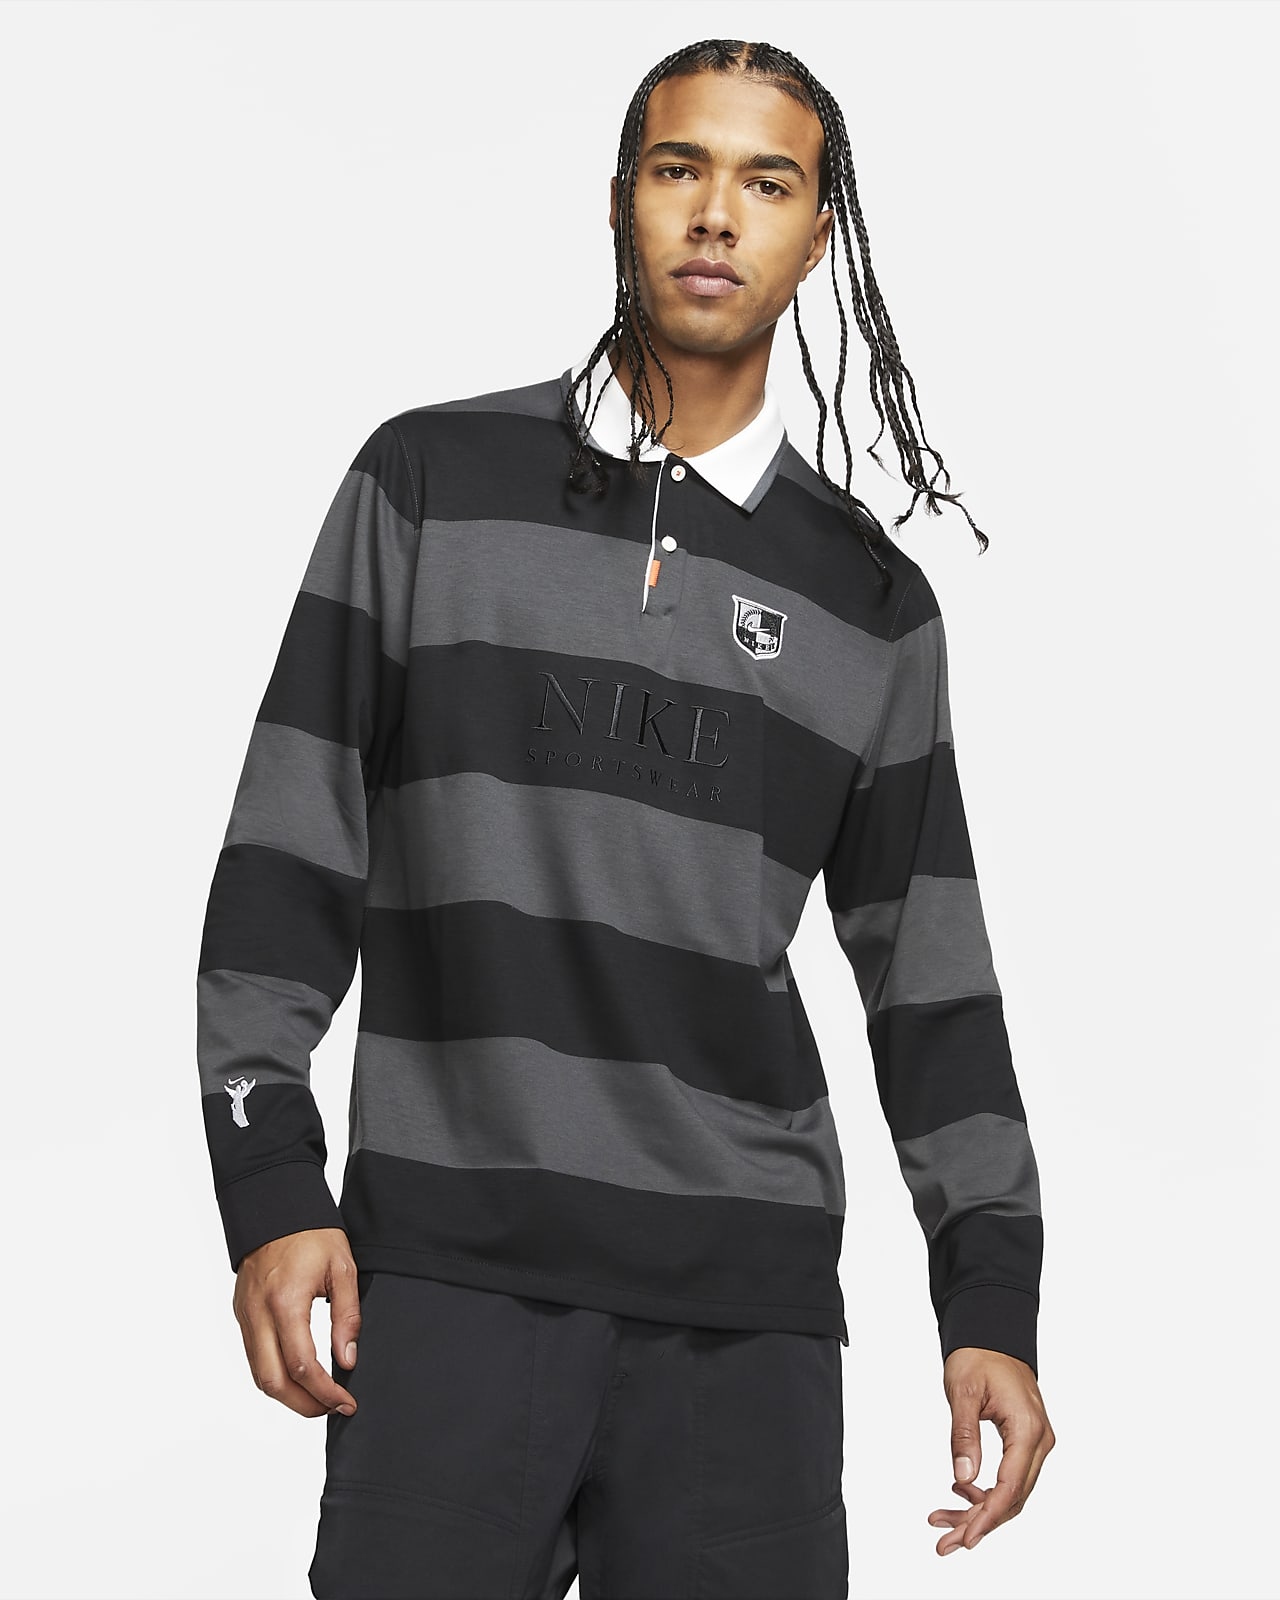 Nike Sportswear Men's Long-Sleeve Polo